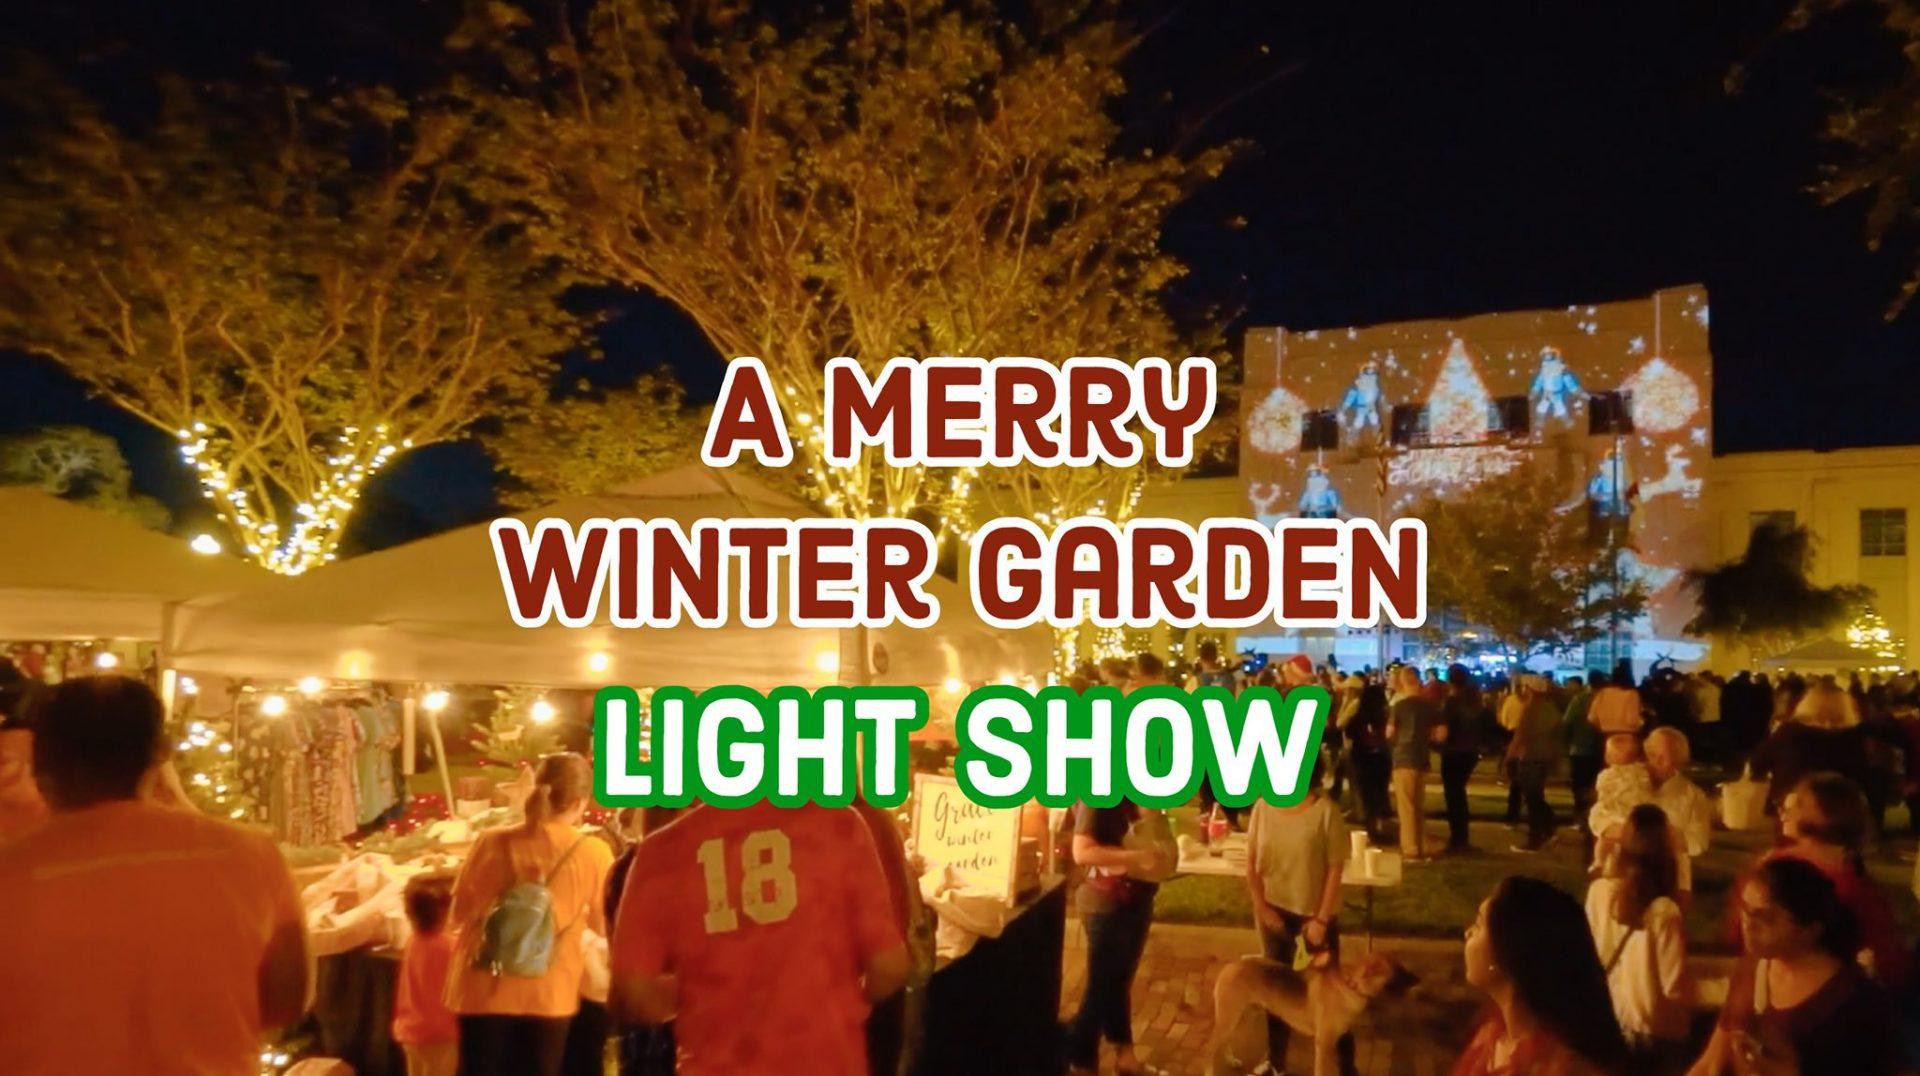 merry winter garden light show